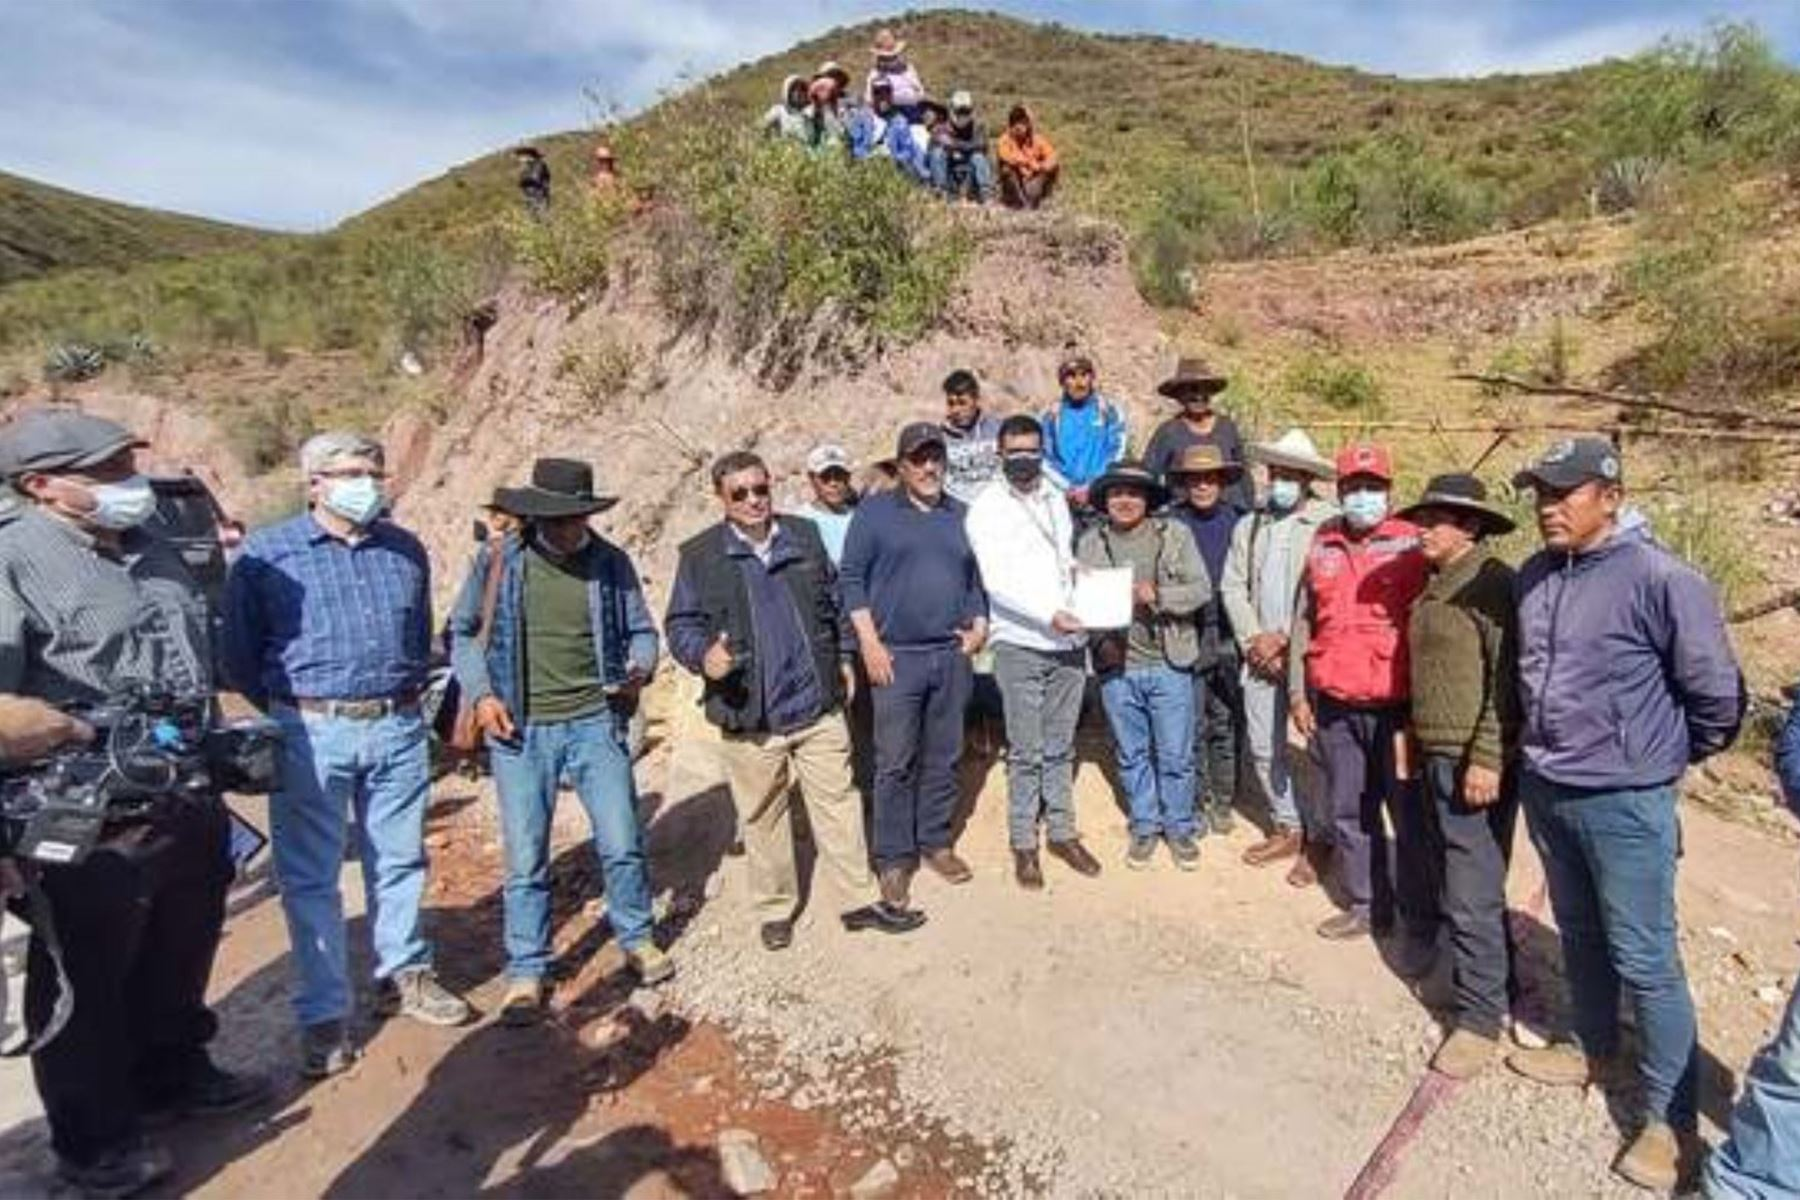 Gobierno logra acuerdo con comunidades de Chumbivilcas y se levanta medida de fuerza